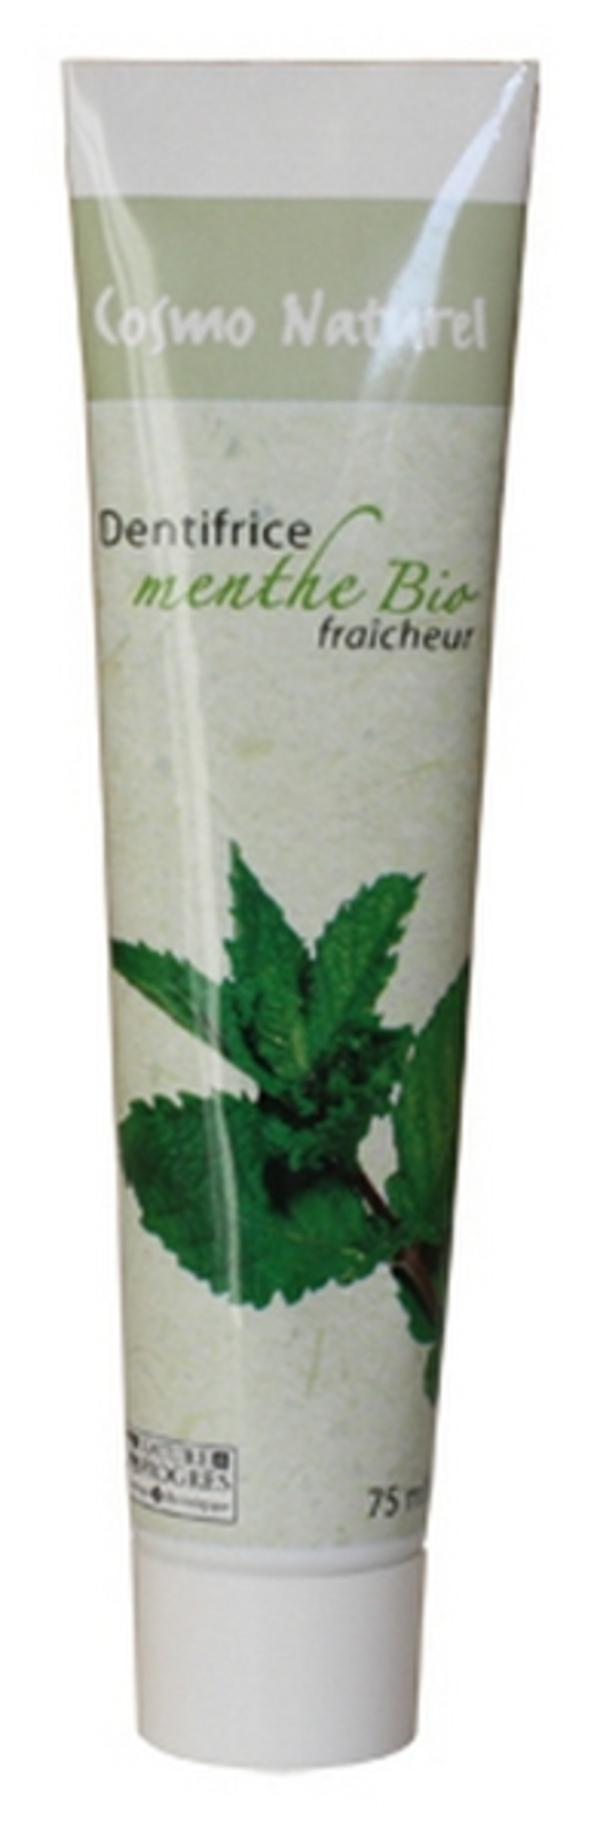 Cosmo Naturel - Dentifrice fraîcheur à la Menthe bio, 75ml